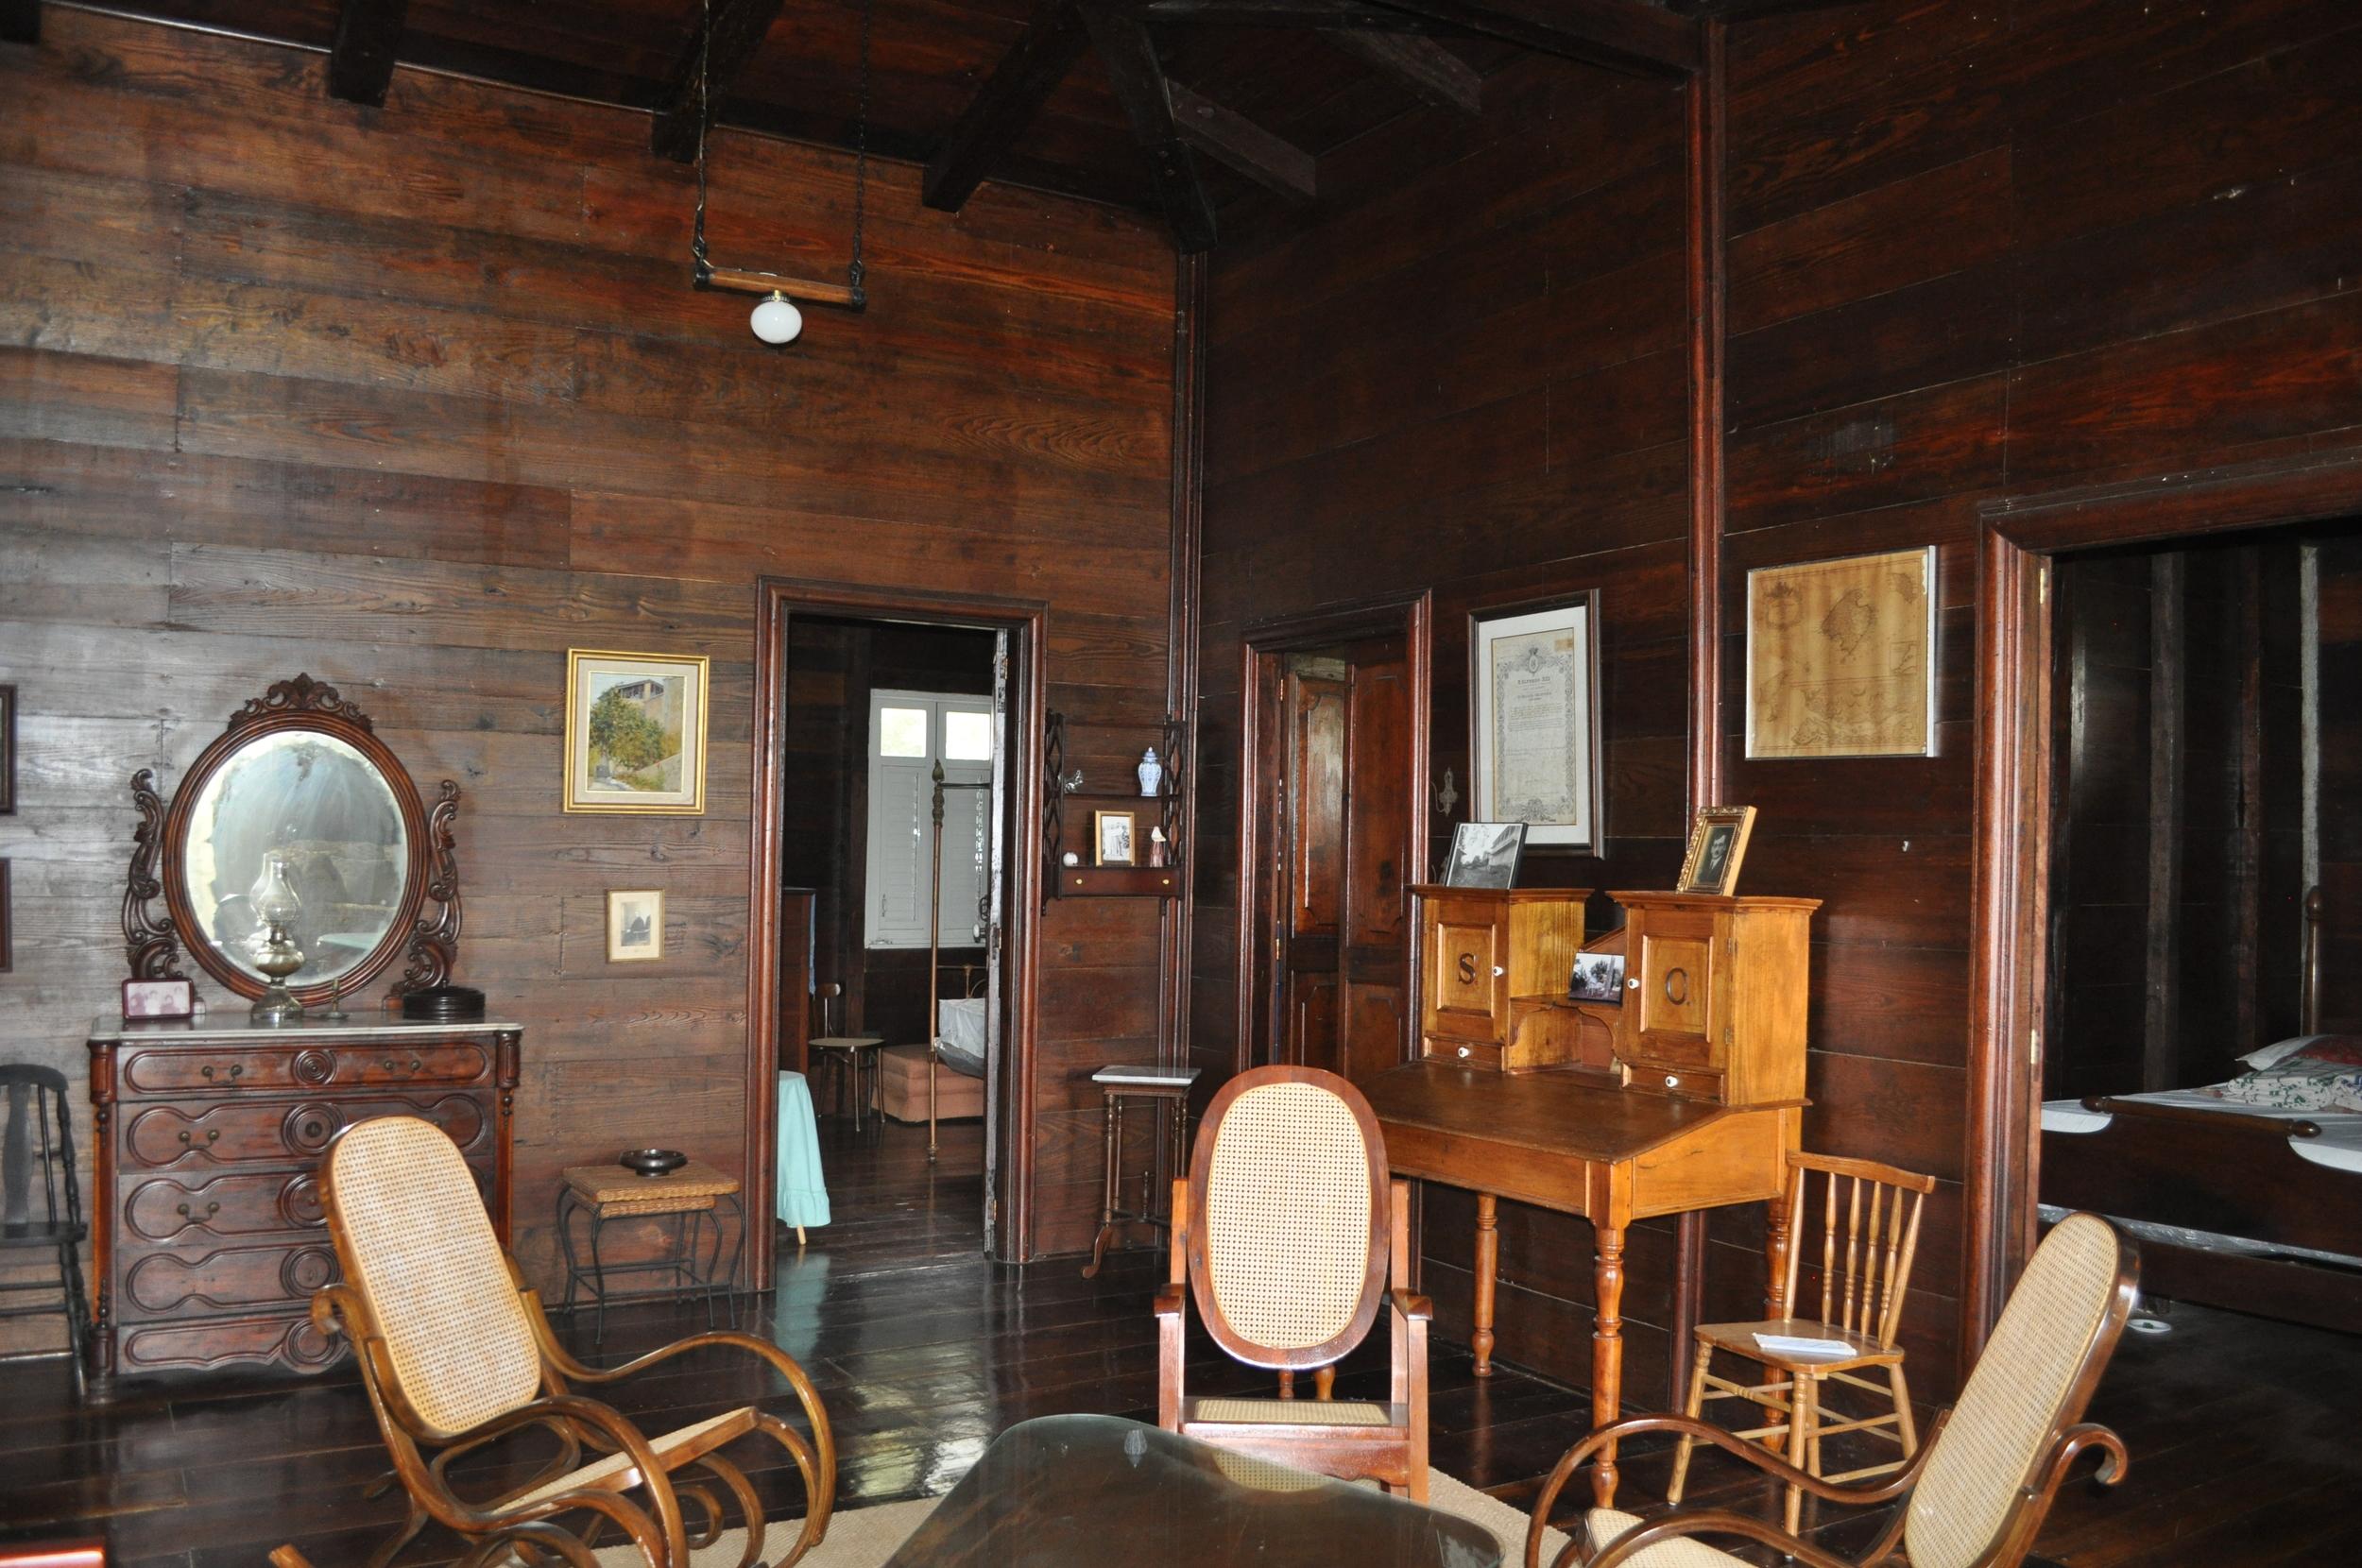 En el barrio Bartolo de  Lares  hay una casona de madera que te transporta en el tiempo. Su historia se remonta al siglo diecinueve cuando era la hacienda cafetalera de la familia Oliver. Foto: Pamy Rojas